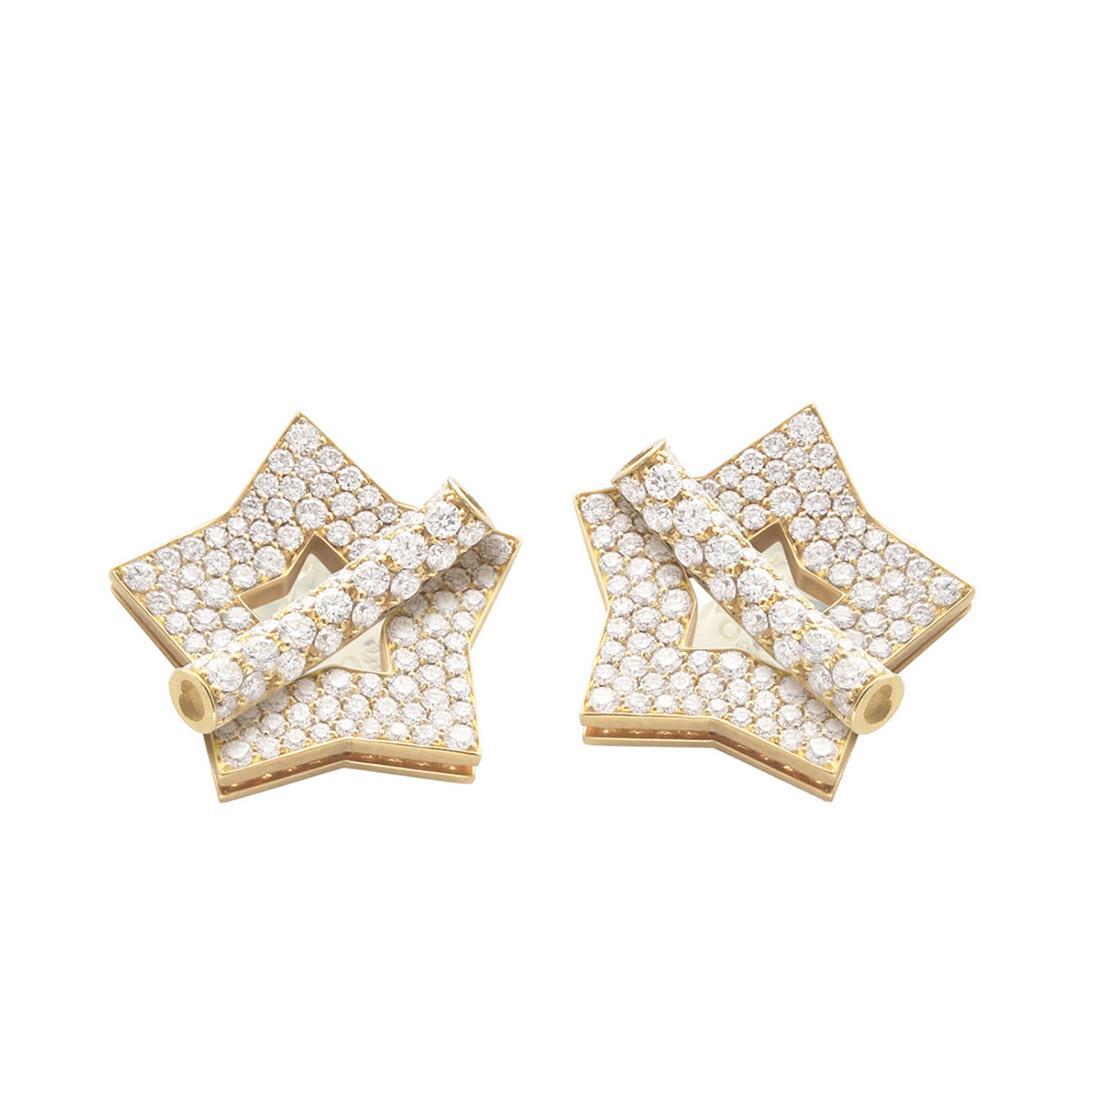 Orecchini in oro giallo con diamanti design stella - PASQUALE BRUNI